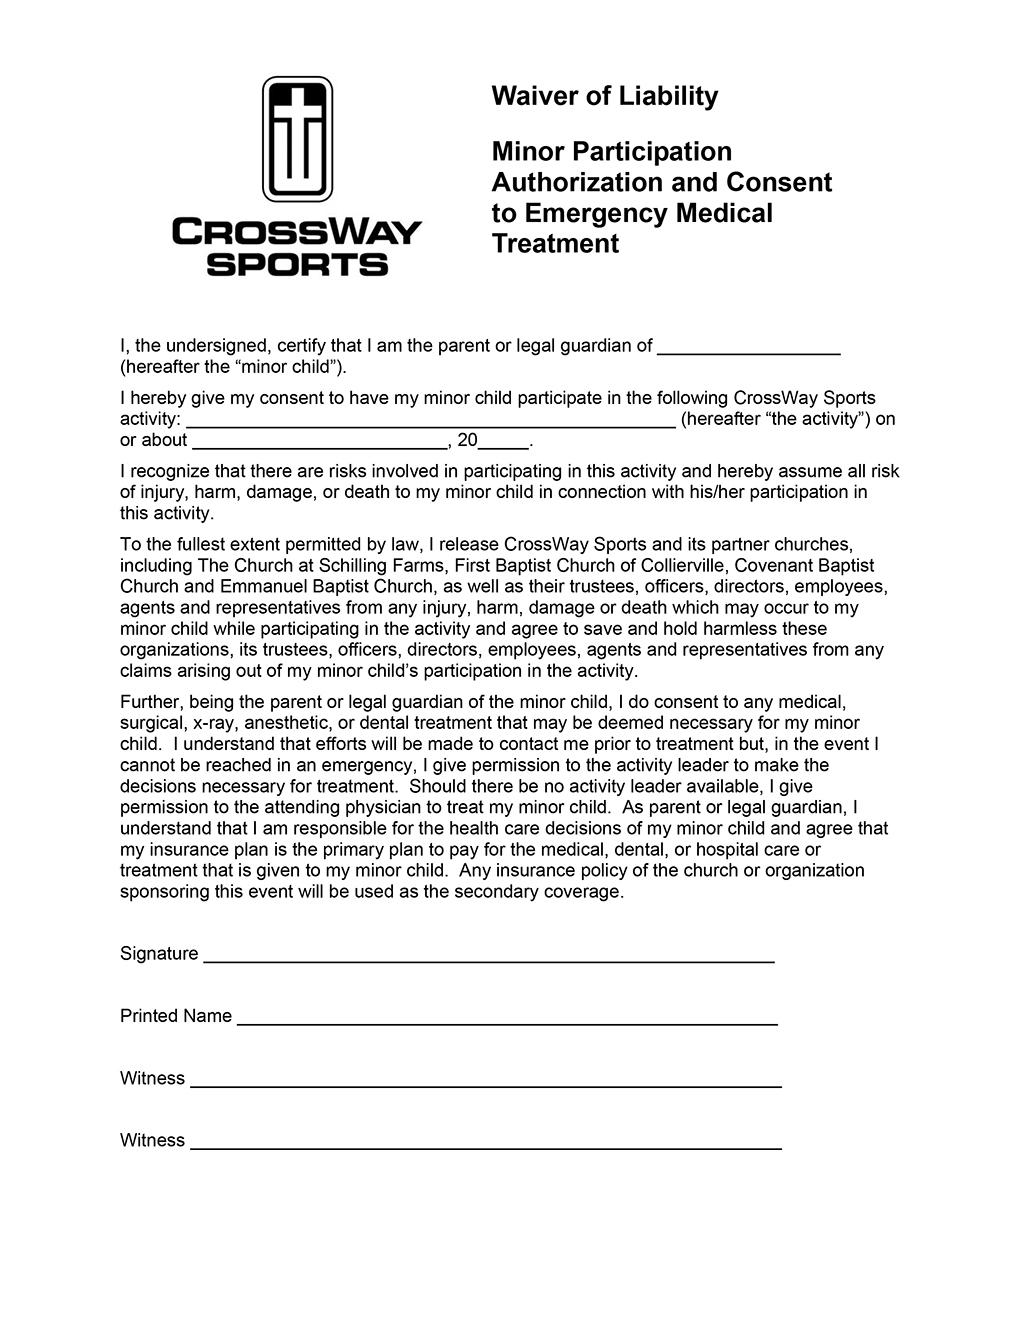 Waiver Form For Sports Erkalnathandedecker